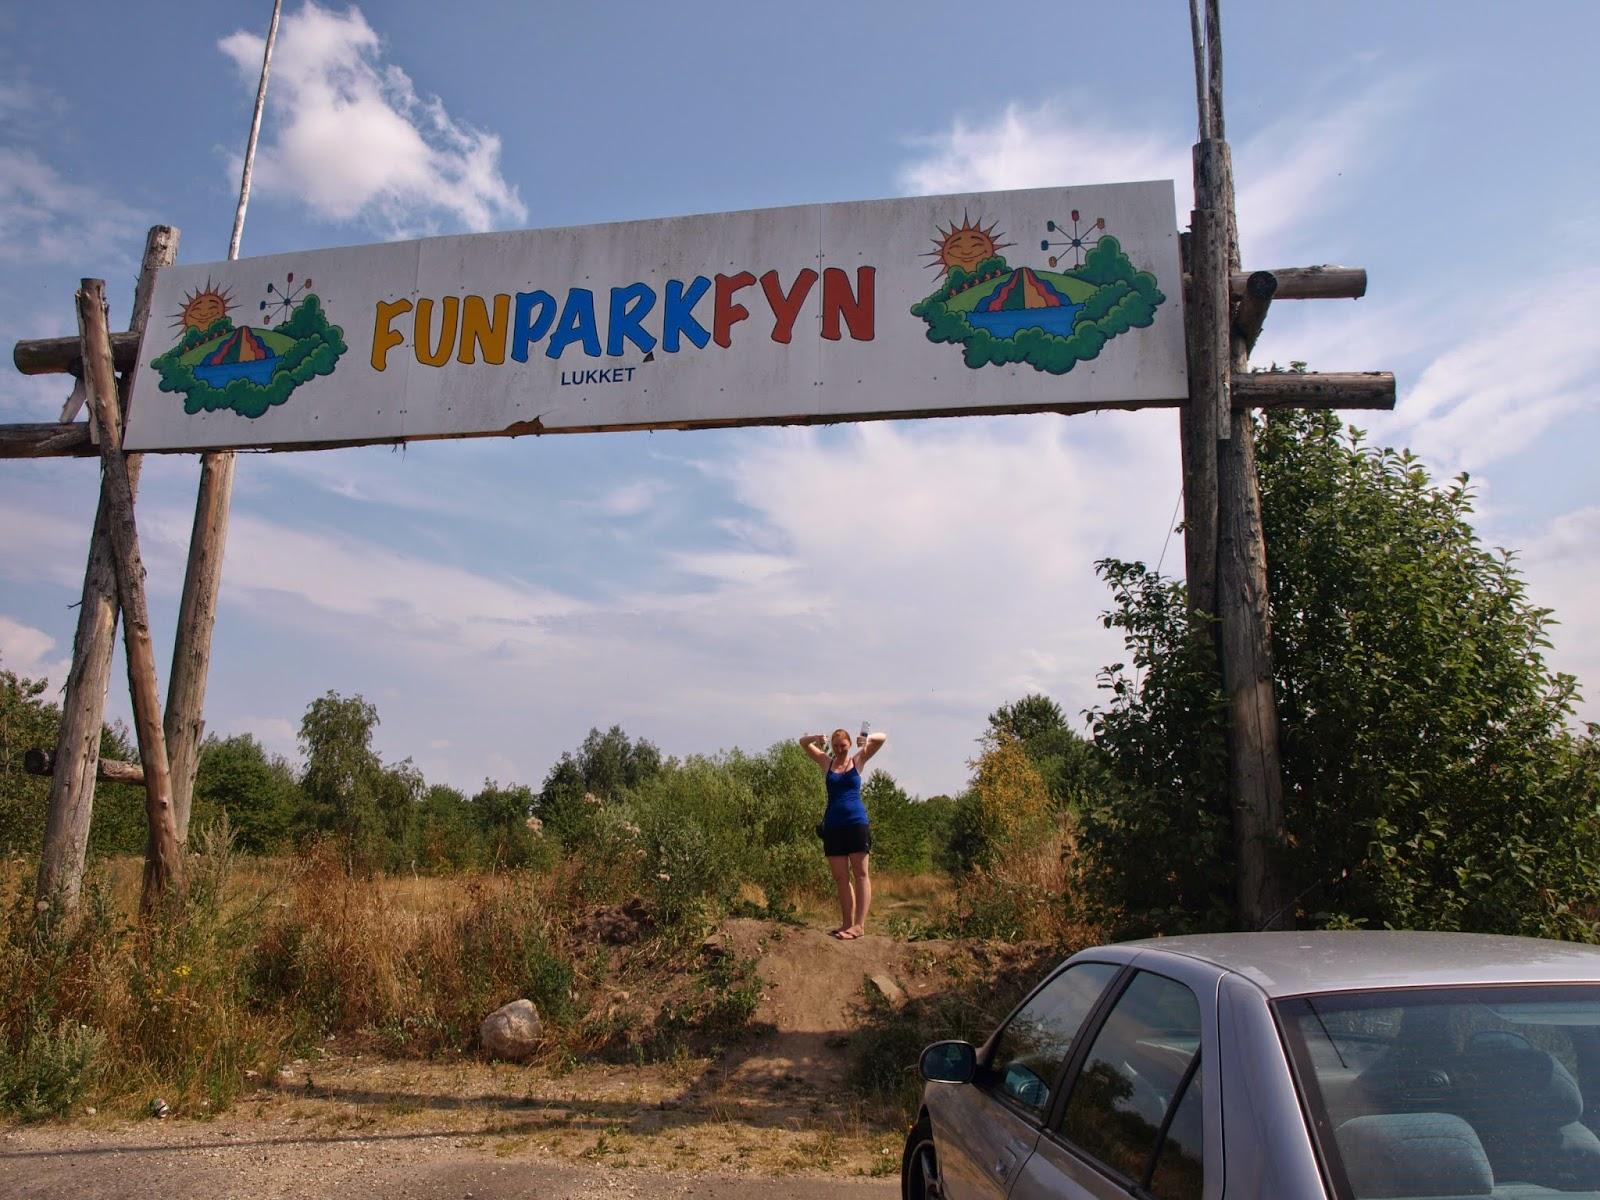 Rasmus Jorgensen S Blog Besog I Fun Park Fyn Fyns Sommerland